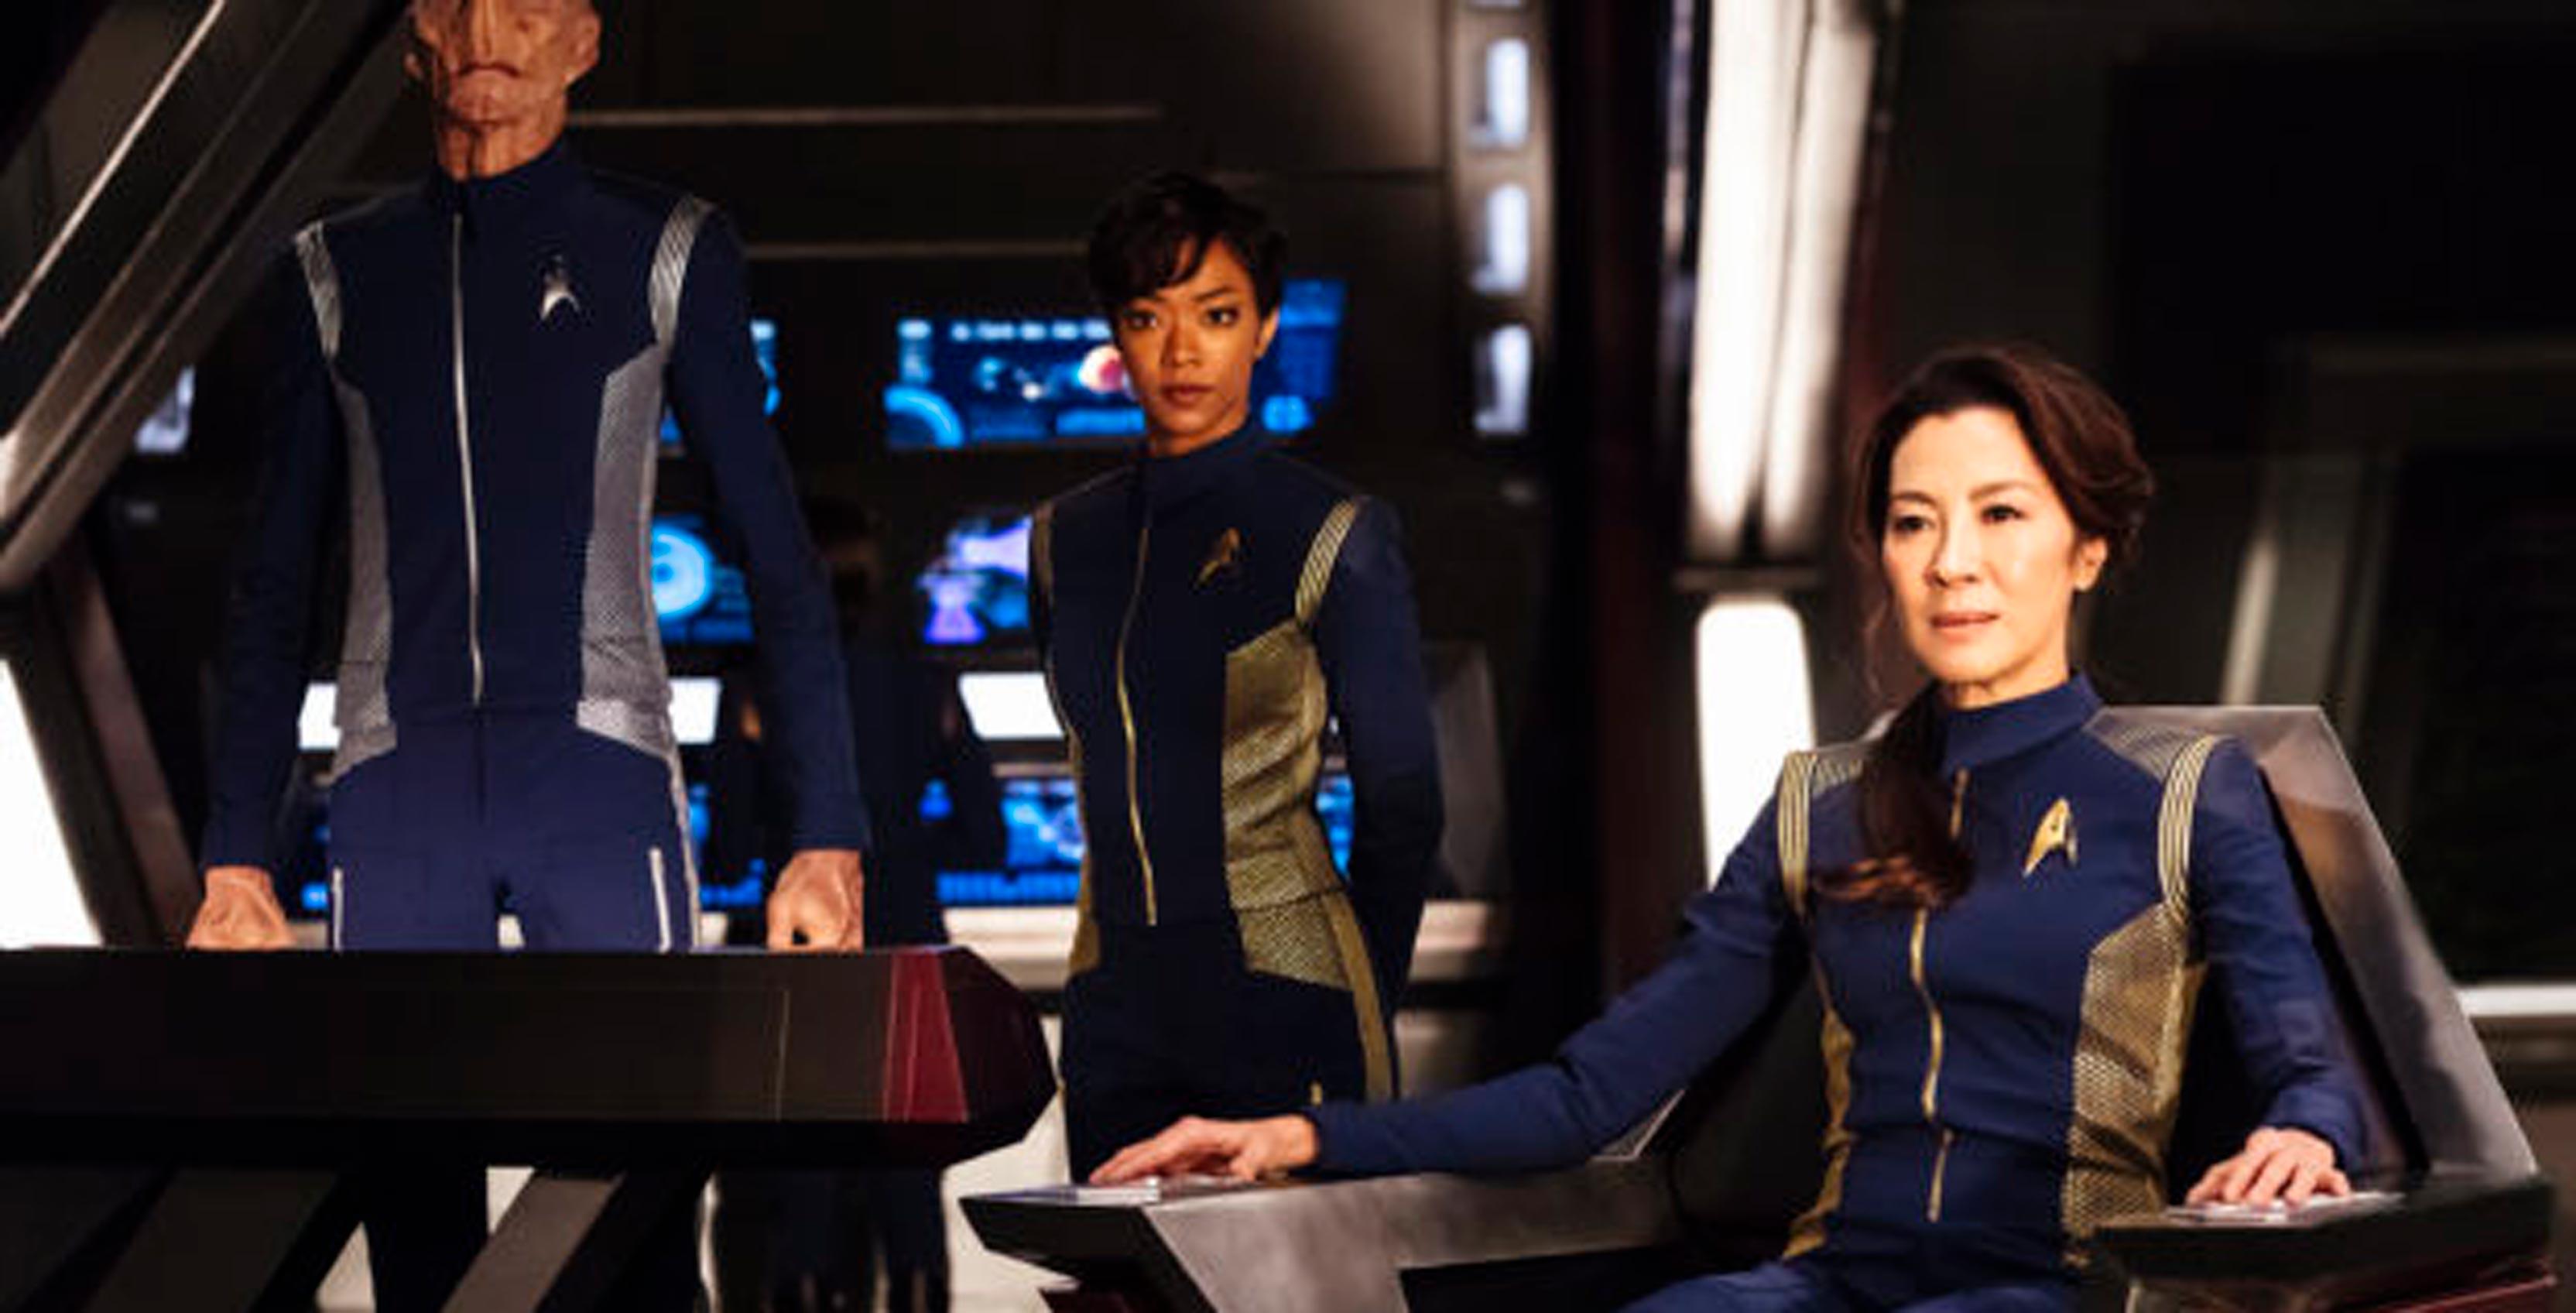 Still from Star Trek: Discovery